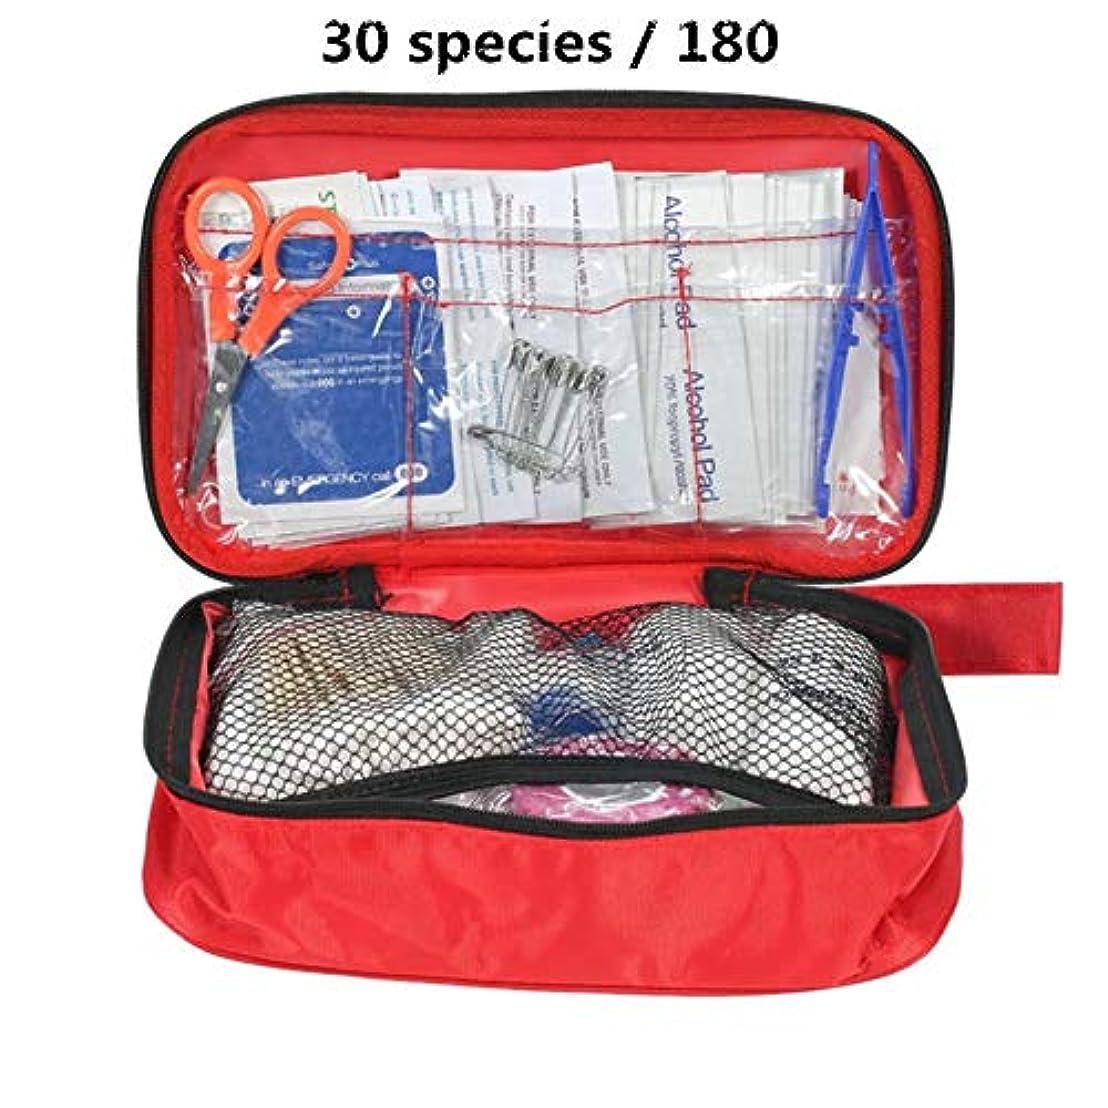 スキムバッチ終点DishyKooker 30種類の応急処置キット緊急バッグ ホーム車 屋外ガイドキット 180PCS /セット